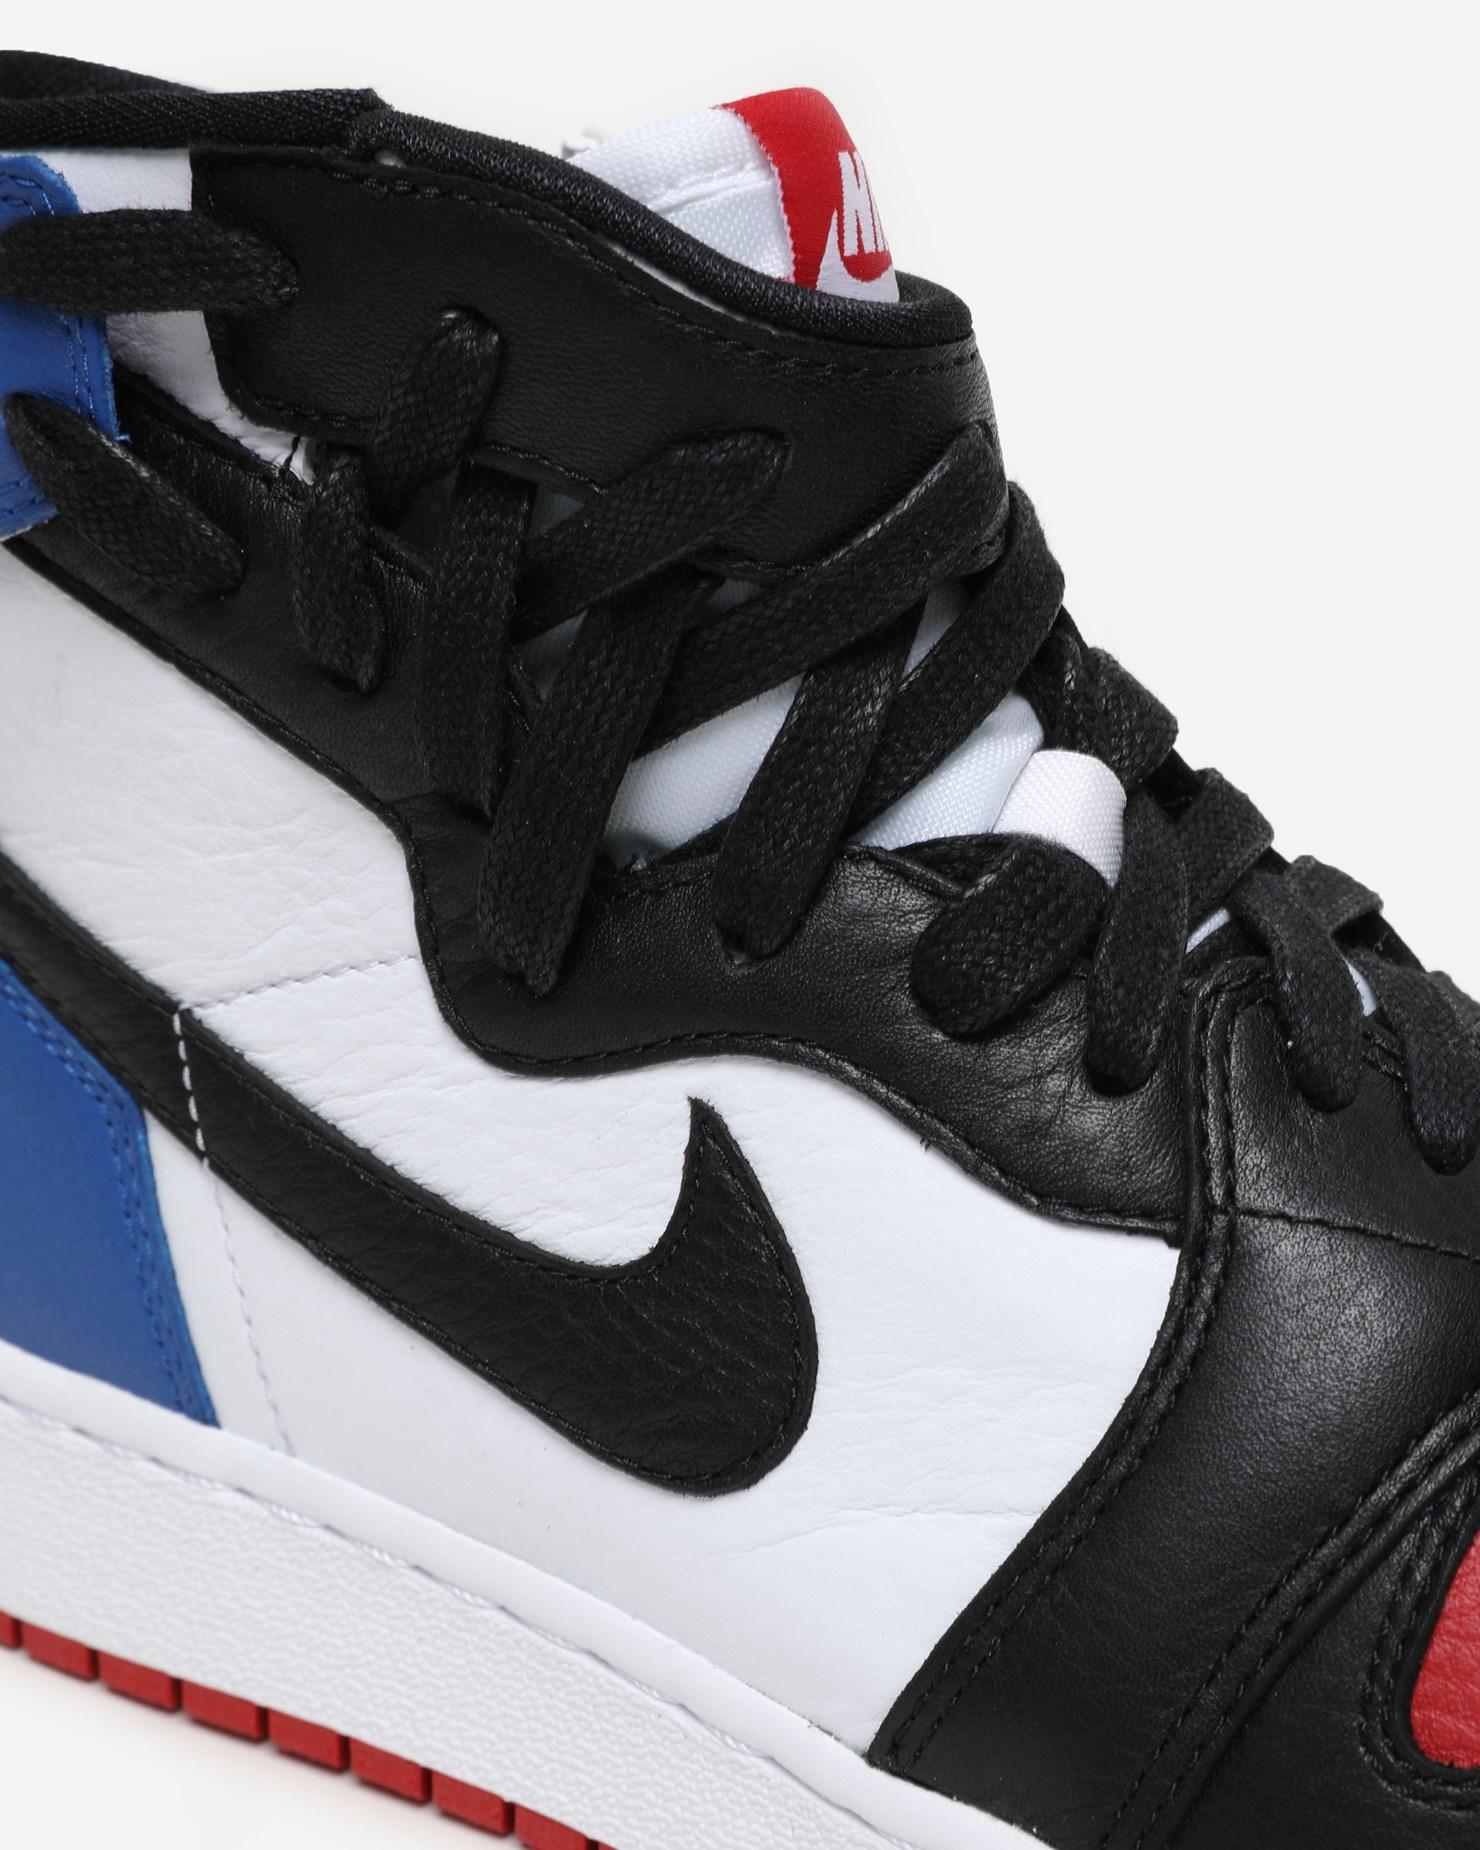 Air Jordan 1 Rebel XX W Black & White | END.